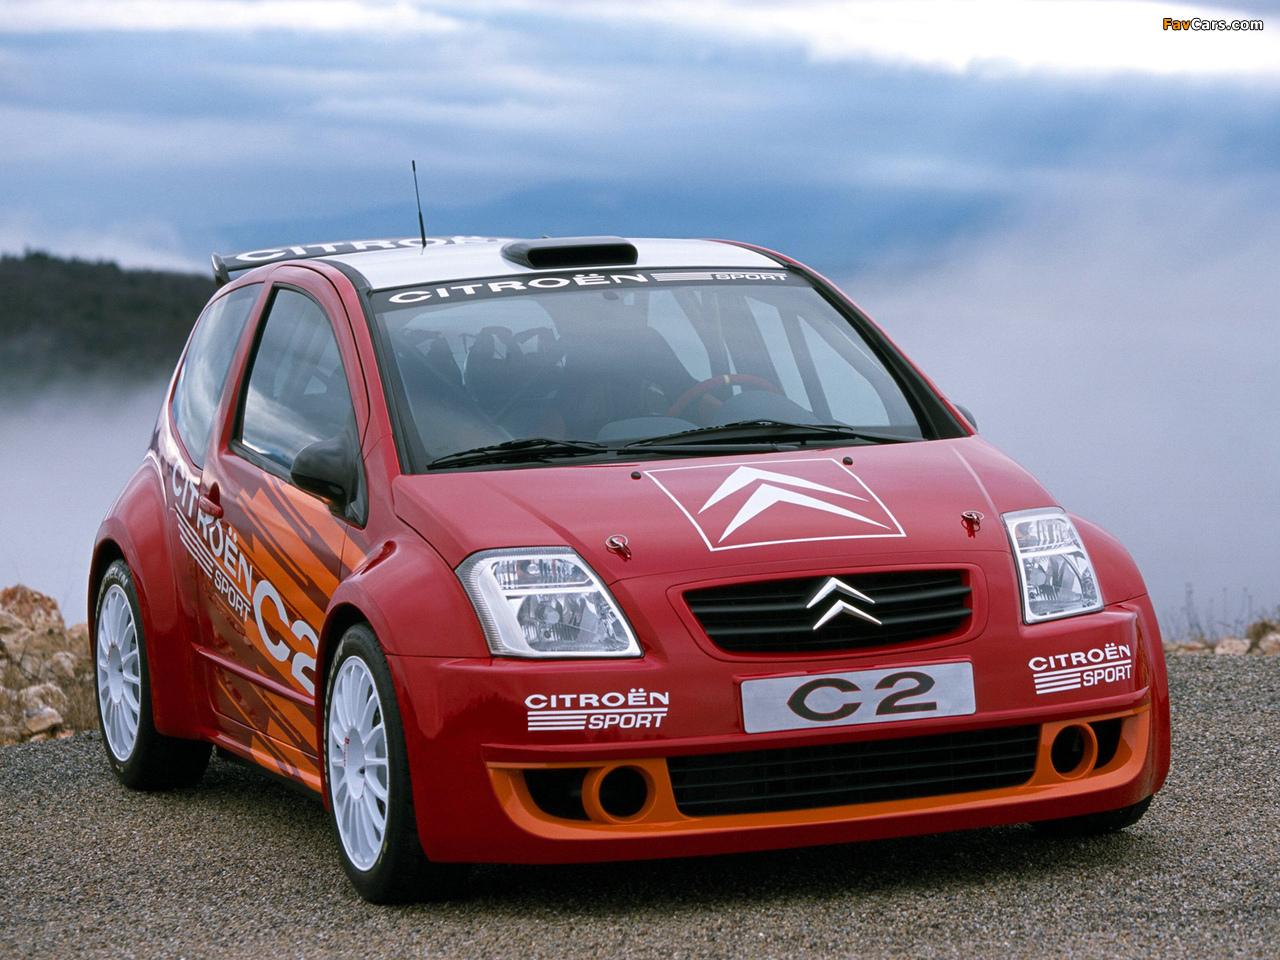 Citroën C2 Sport Concept 2003 pictures (1280 x 960)